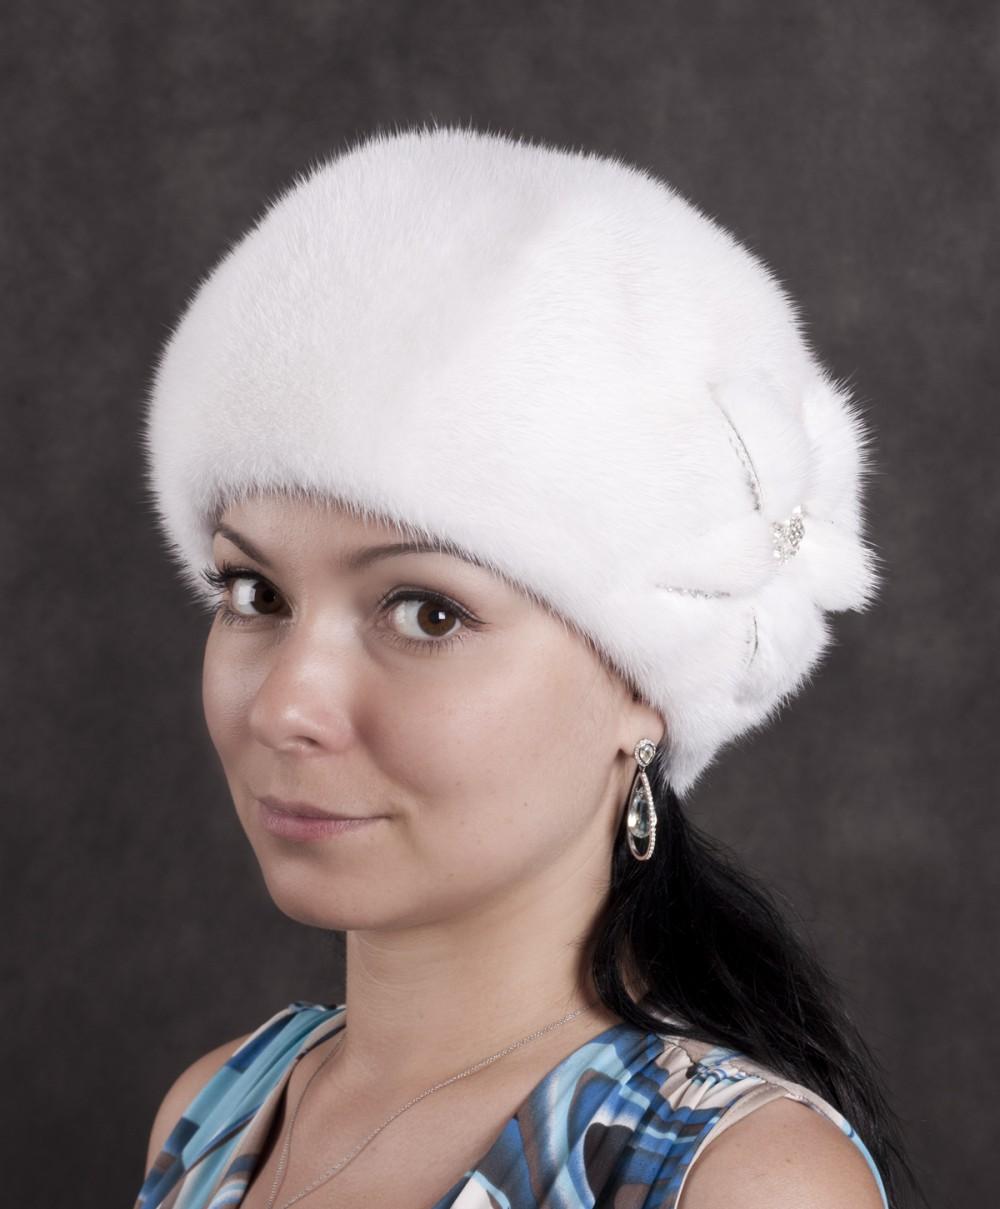 Женские норковые шапки прекрасно сочетаются с любой верхней одеждой - и меховой шубой, и пальто с меховым воротником